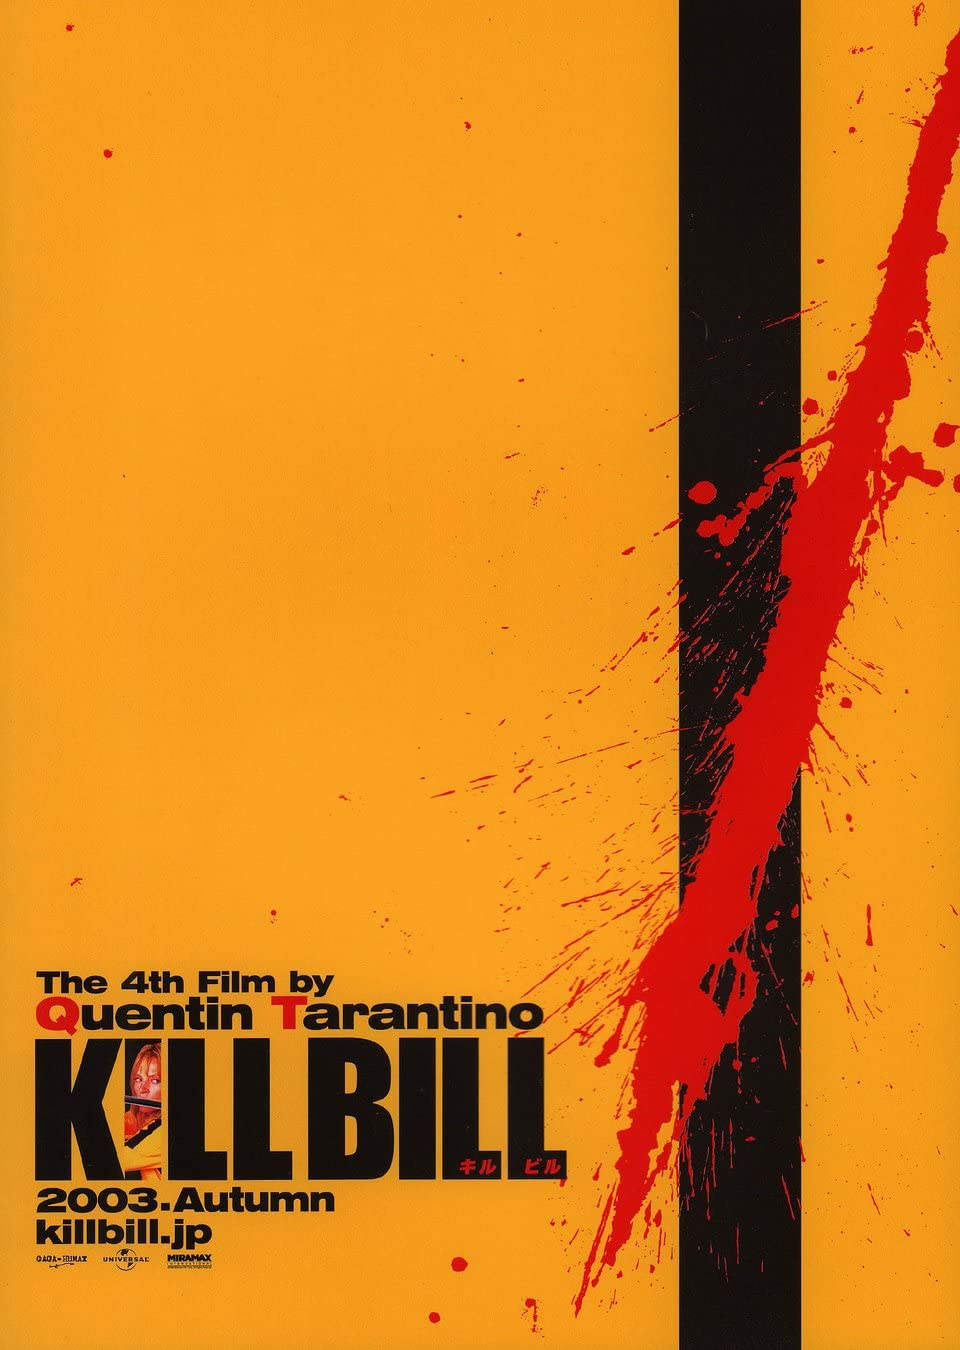 Kill Bill Vol 1 2003 Japanese B5 Chirashi Flyer At Amazon S Entertainment Collectibles Store